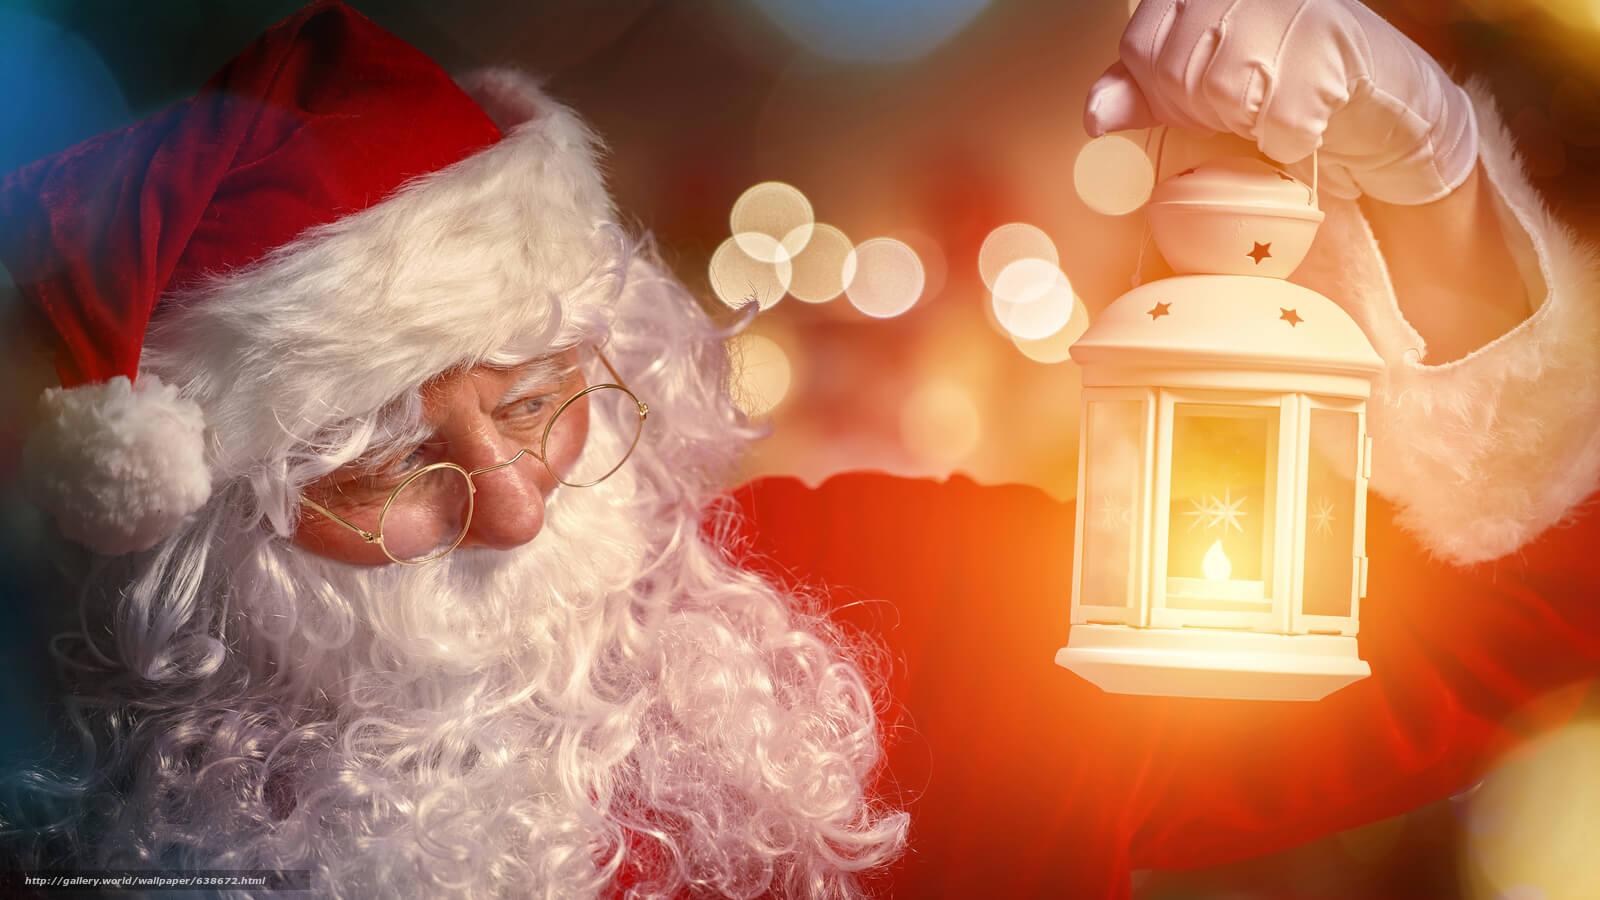 Картинки веселых и смешных Дедов Морозов 4